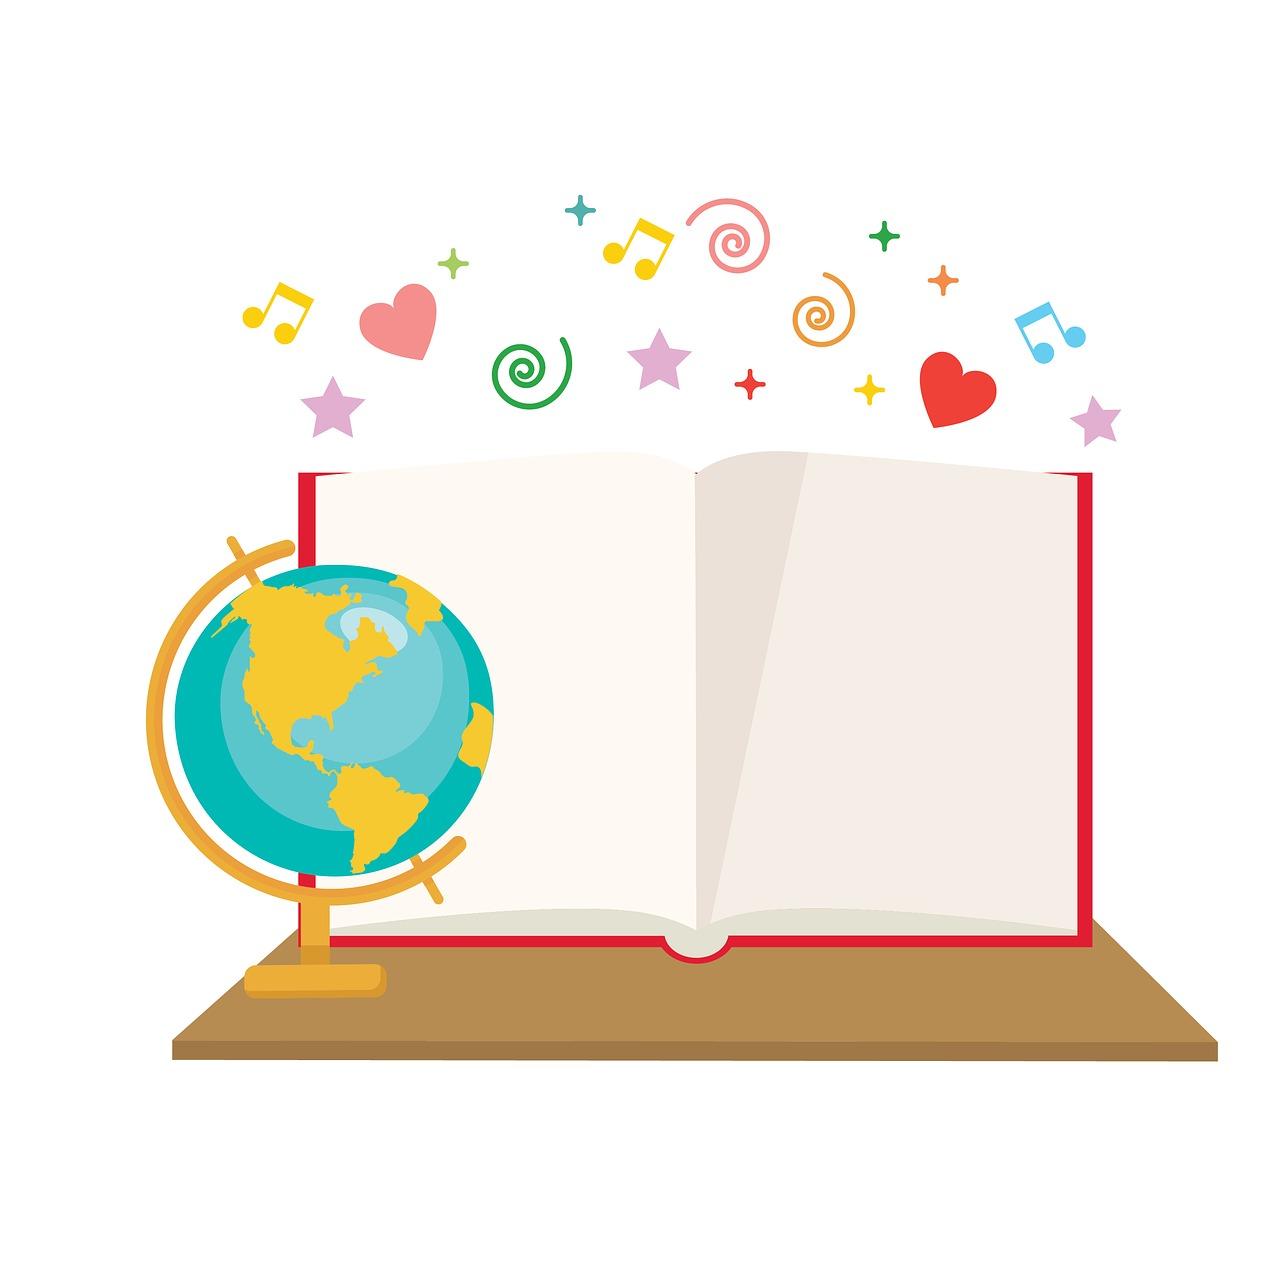 Tekster som akademikere skriver kan potensielt nå en hel verden.